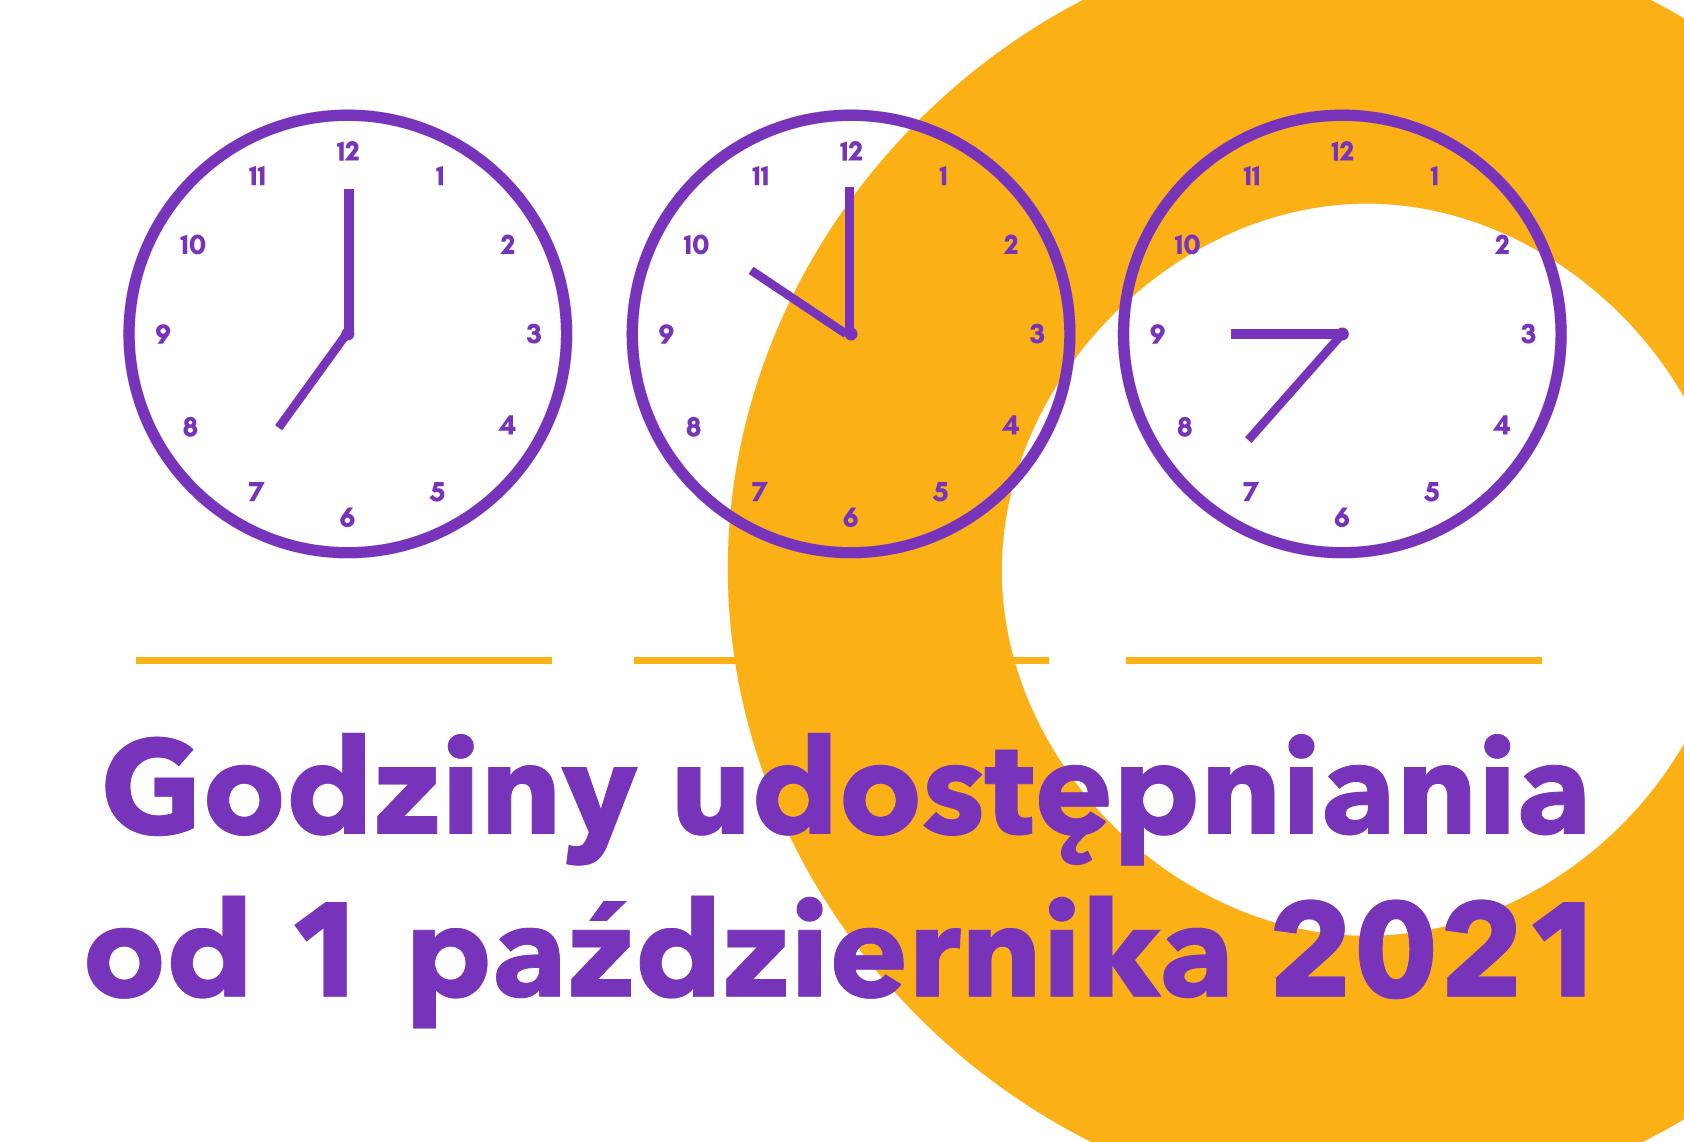 Baner Godziny udostępniania od 1 października 2021